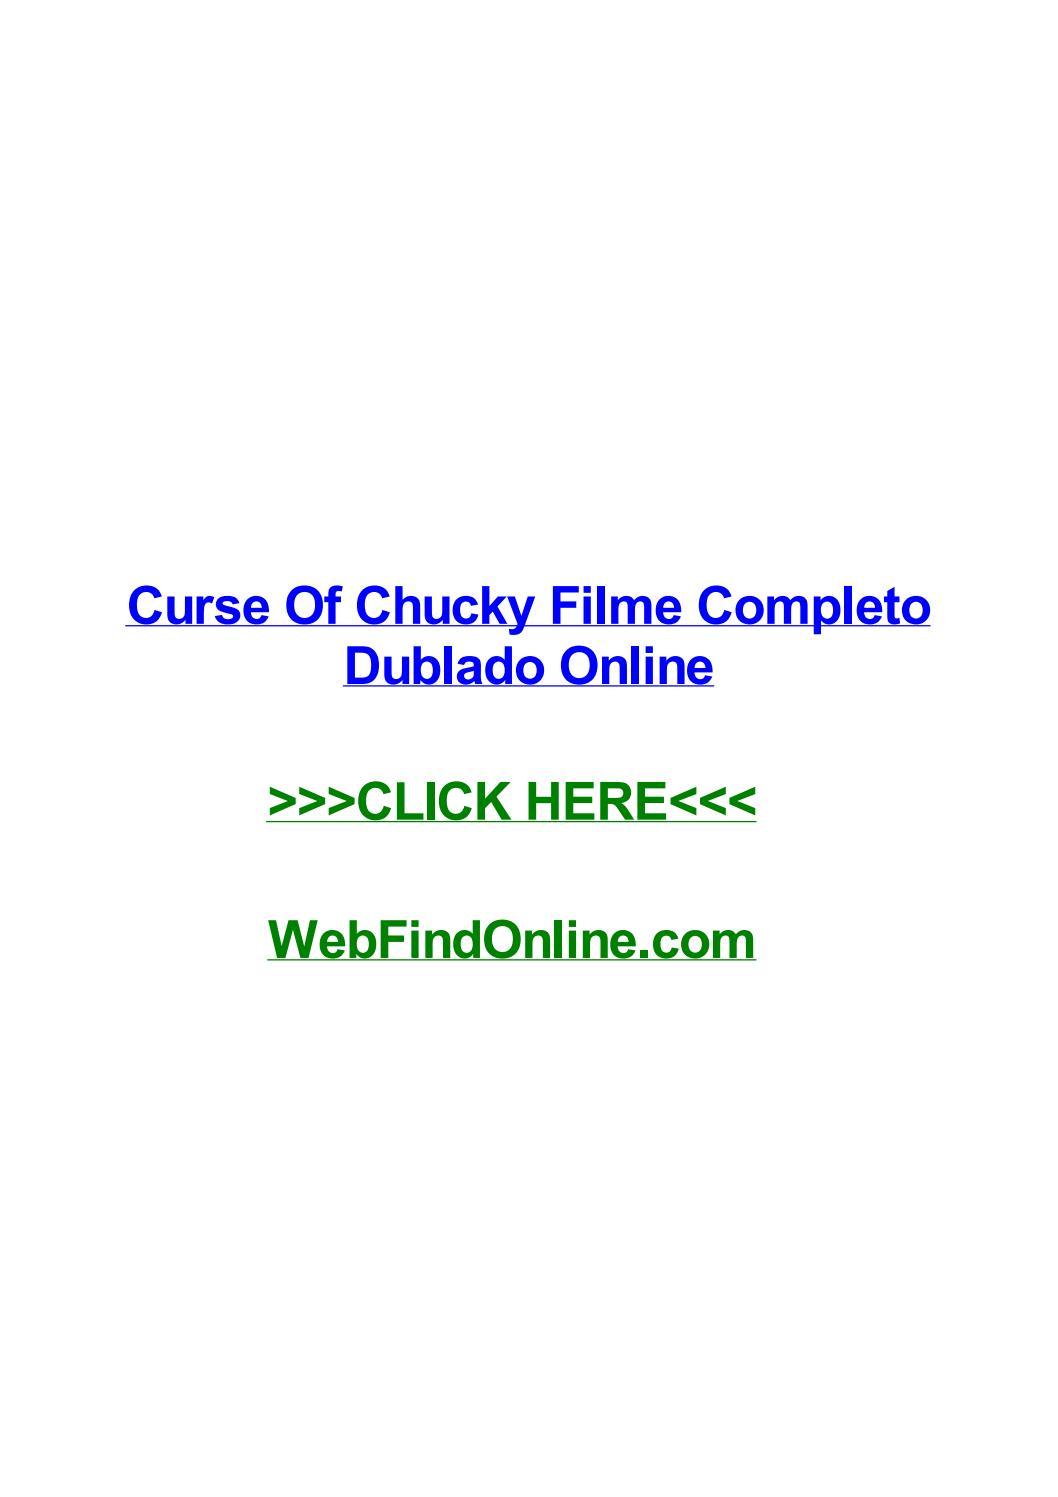 A Lei É Para Todos Filme Completo Dublado curse of chucky filme completo dublado onlinetommebc - issuu